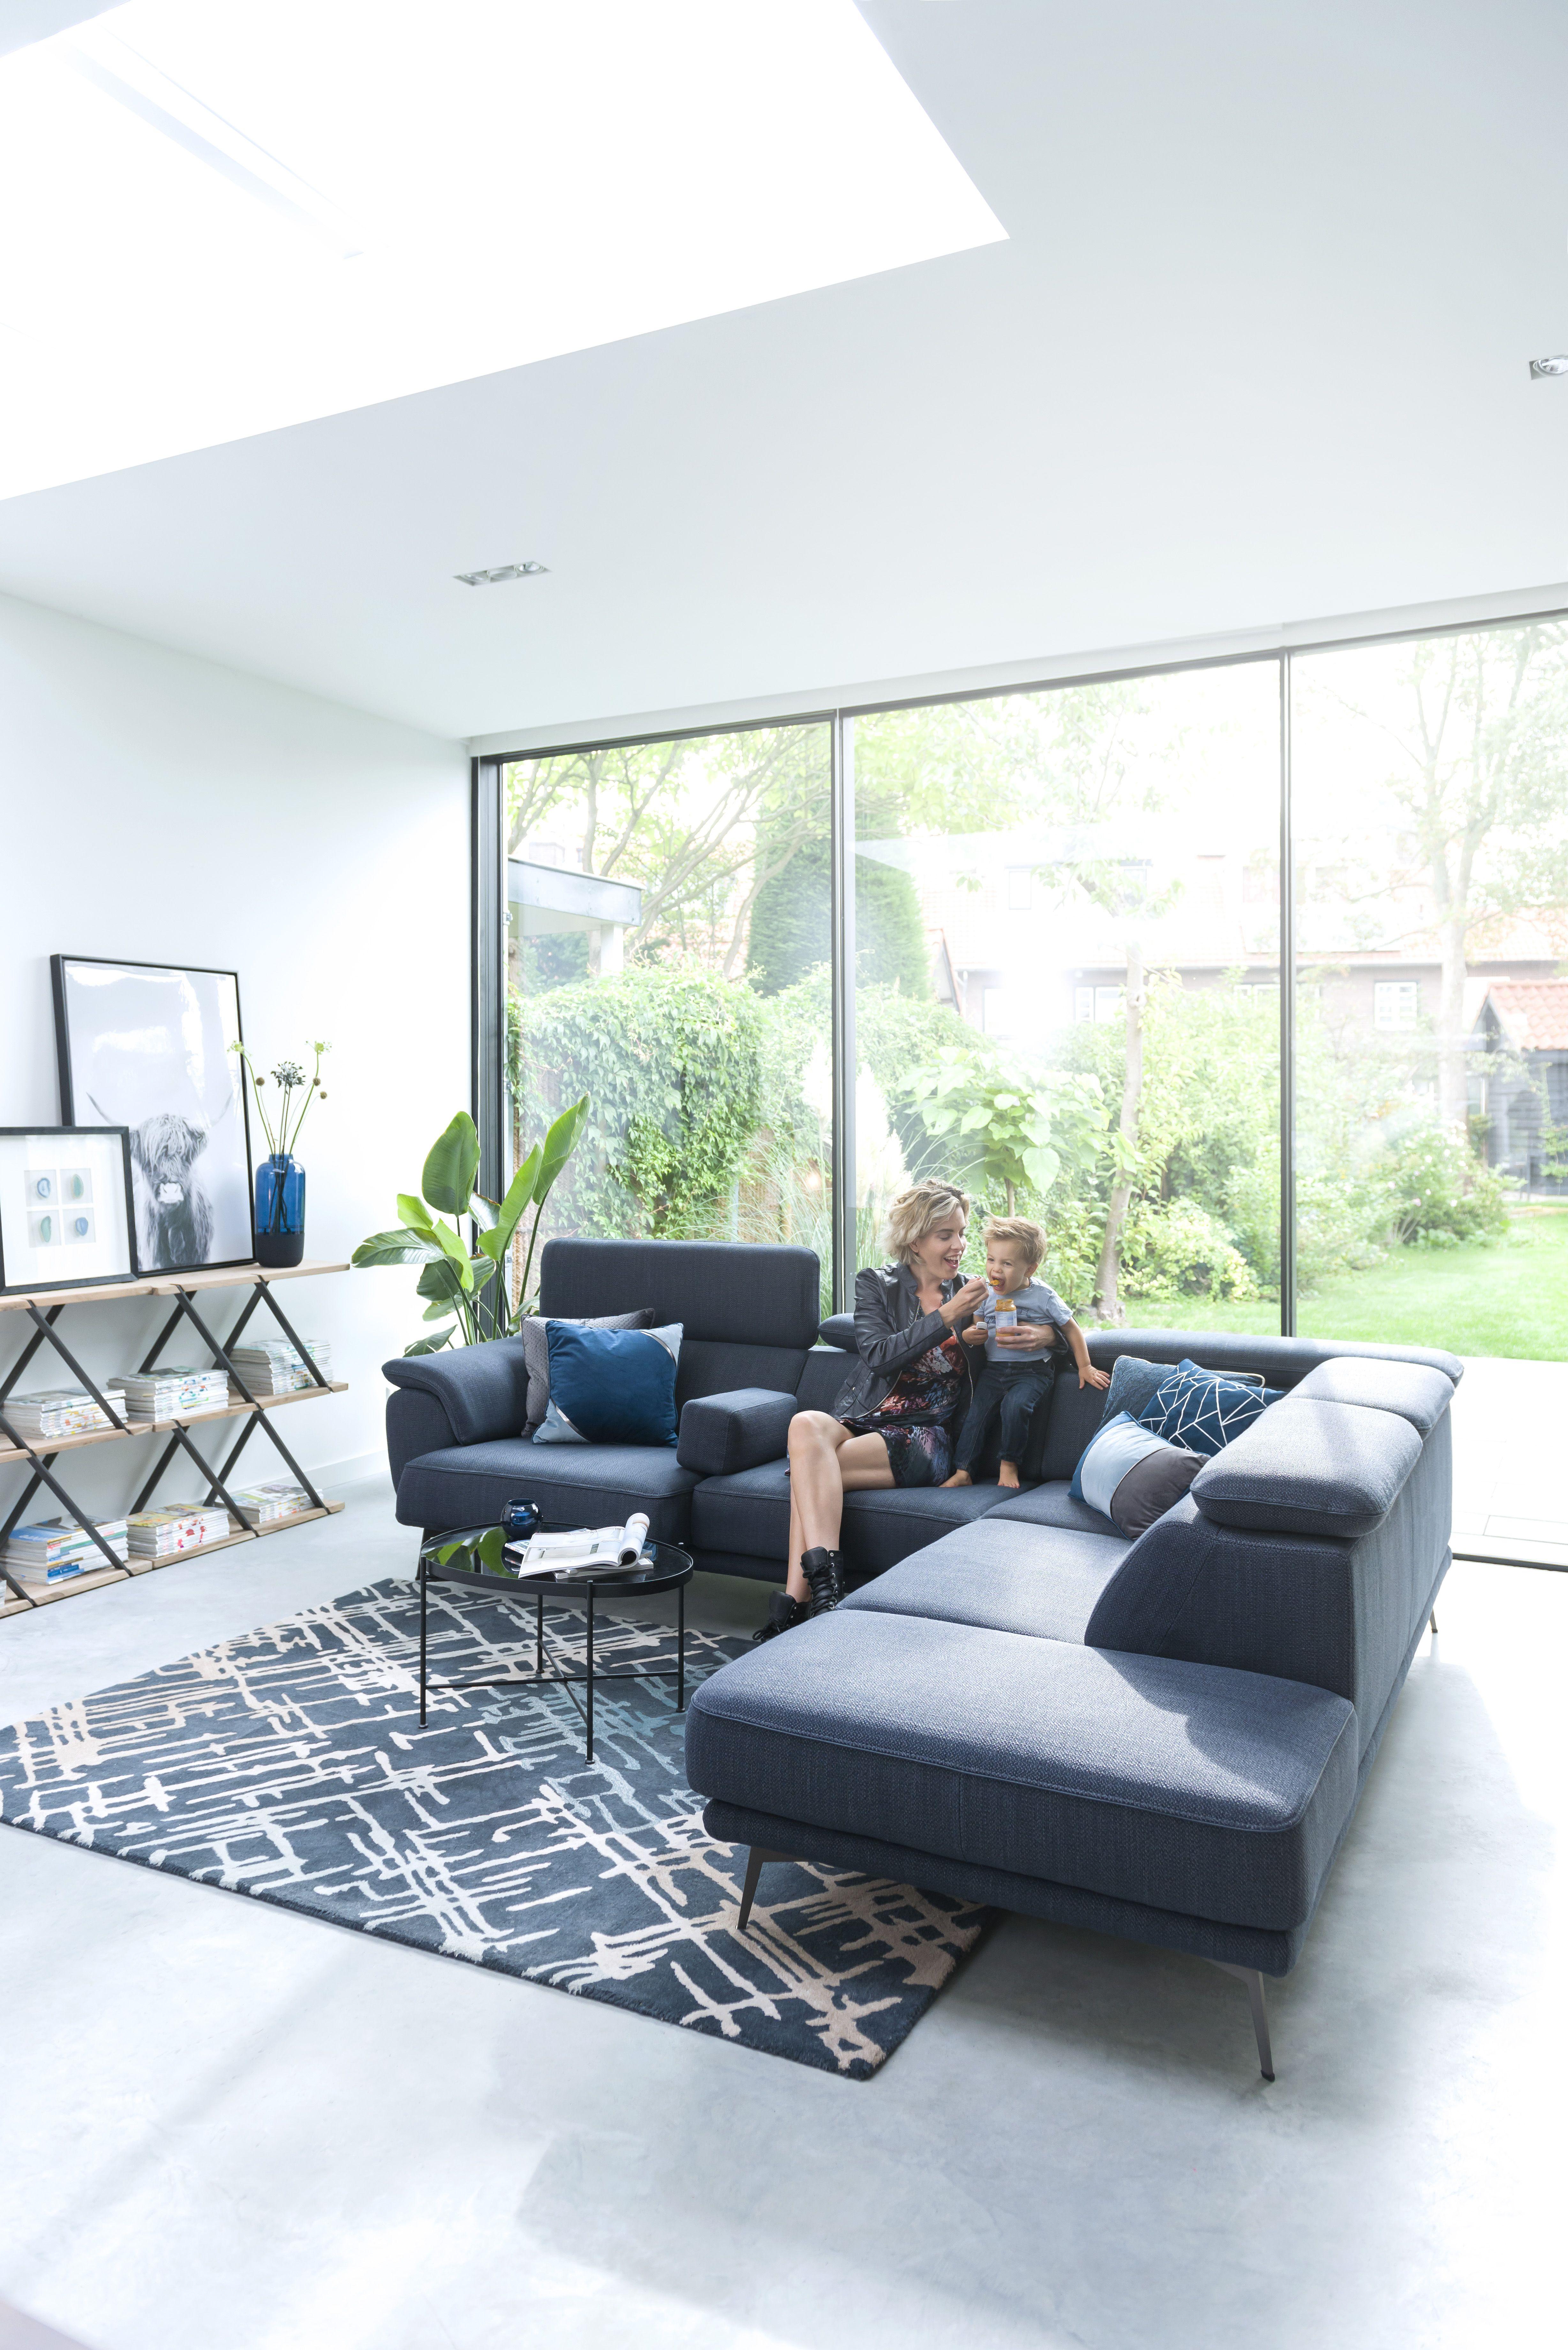 Meubles Henders Et Hazel Épinglé par abitare living sur henders & hazel luxembourg